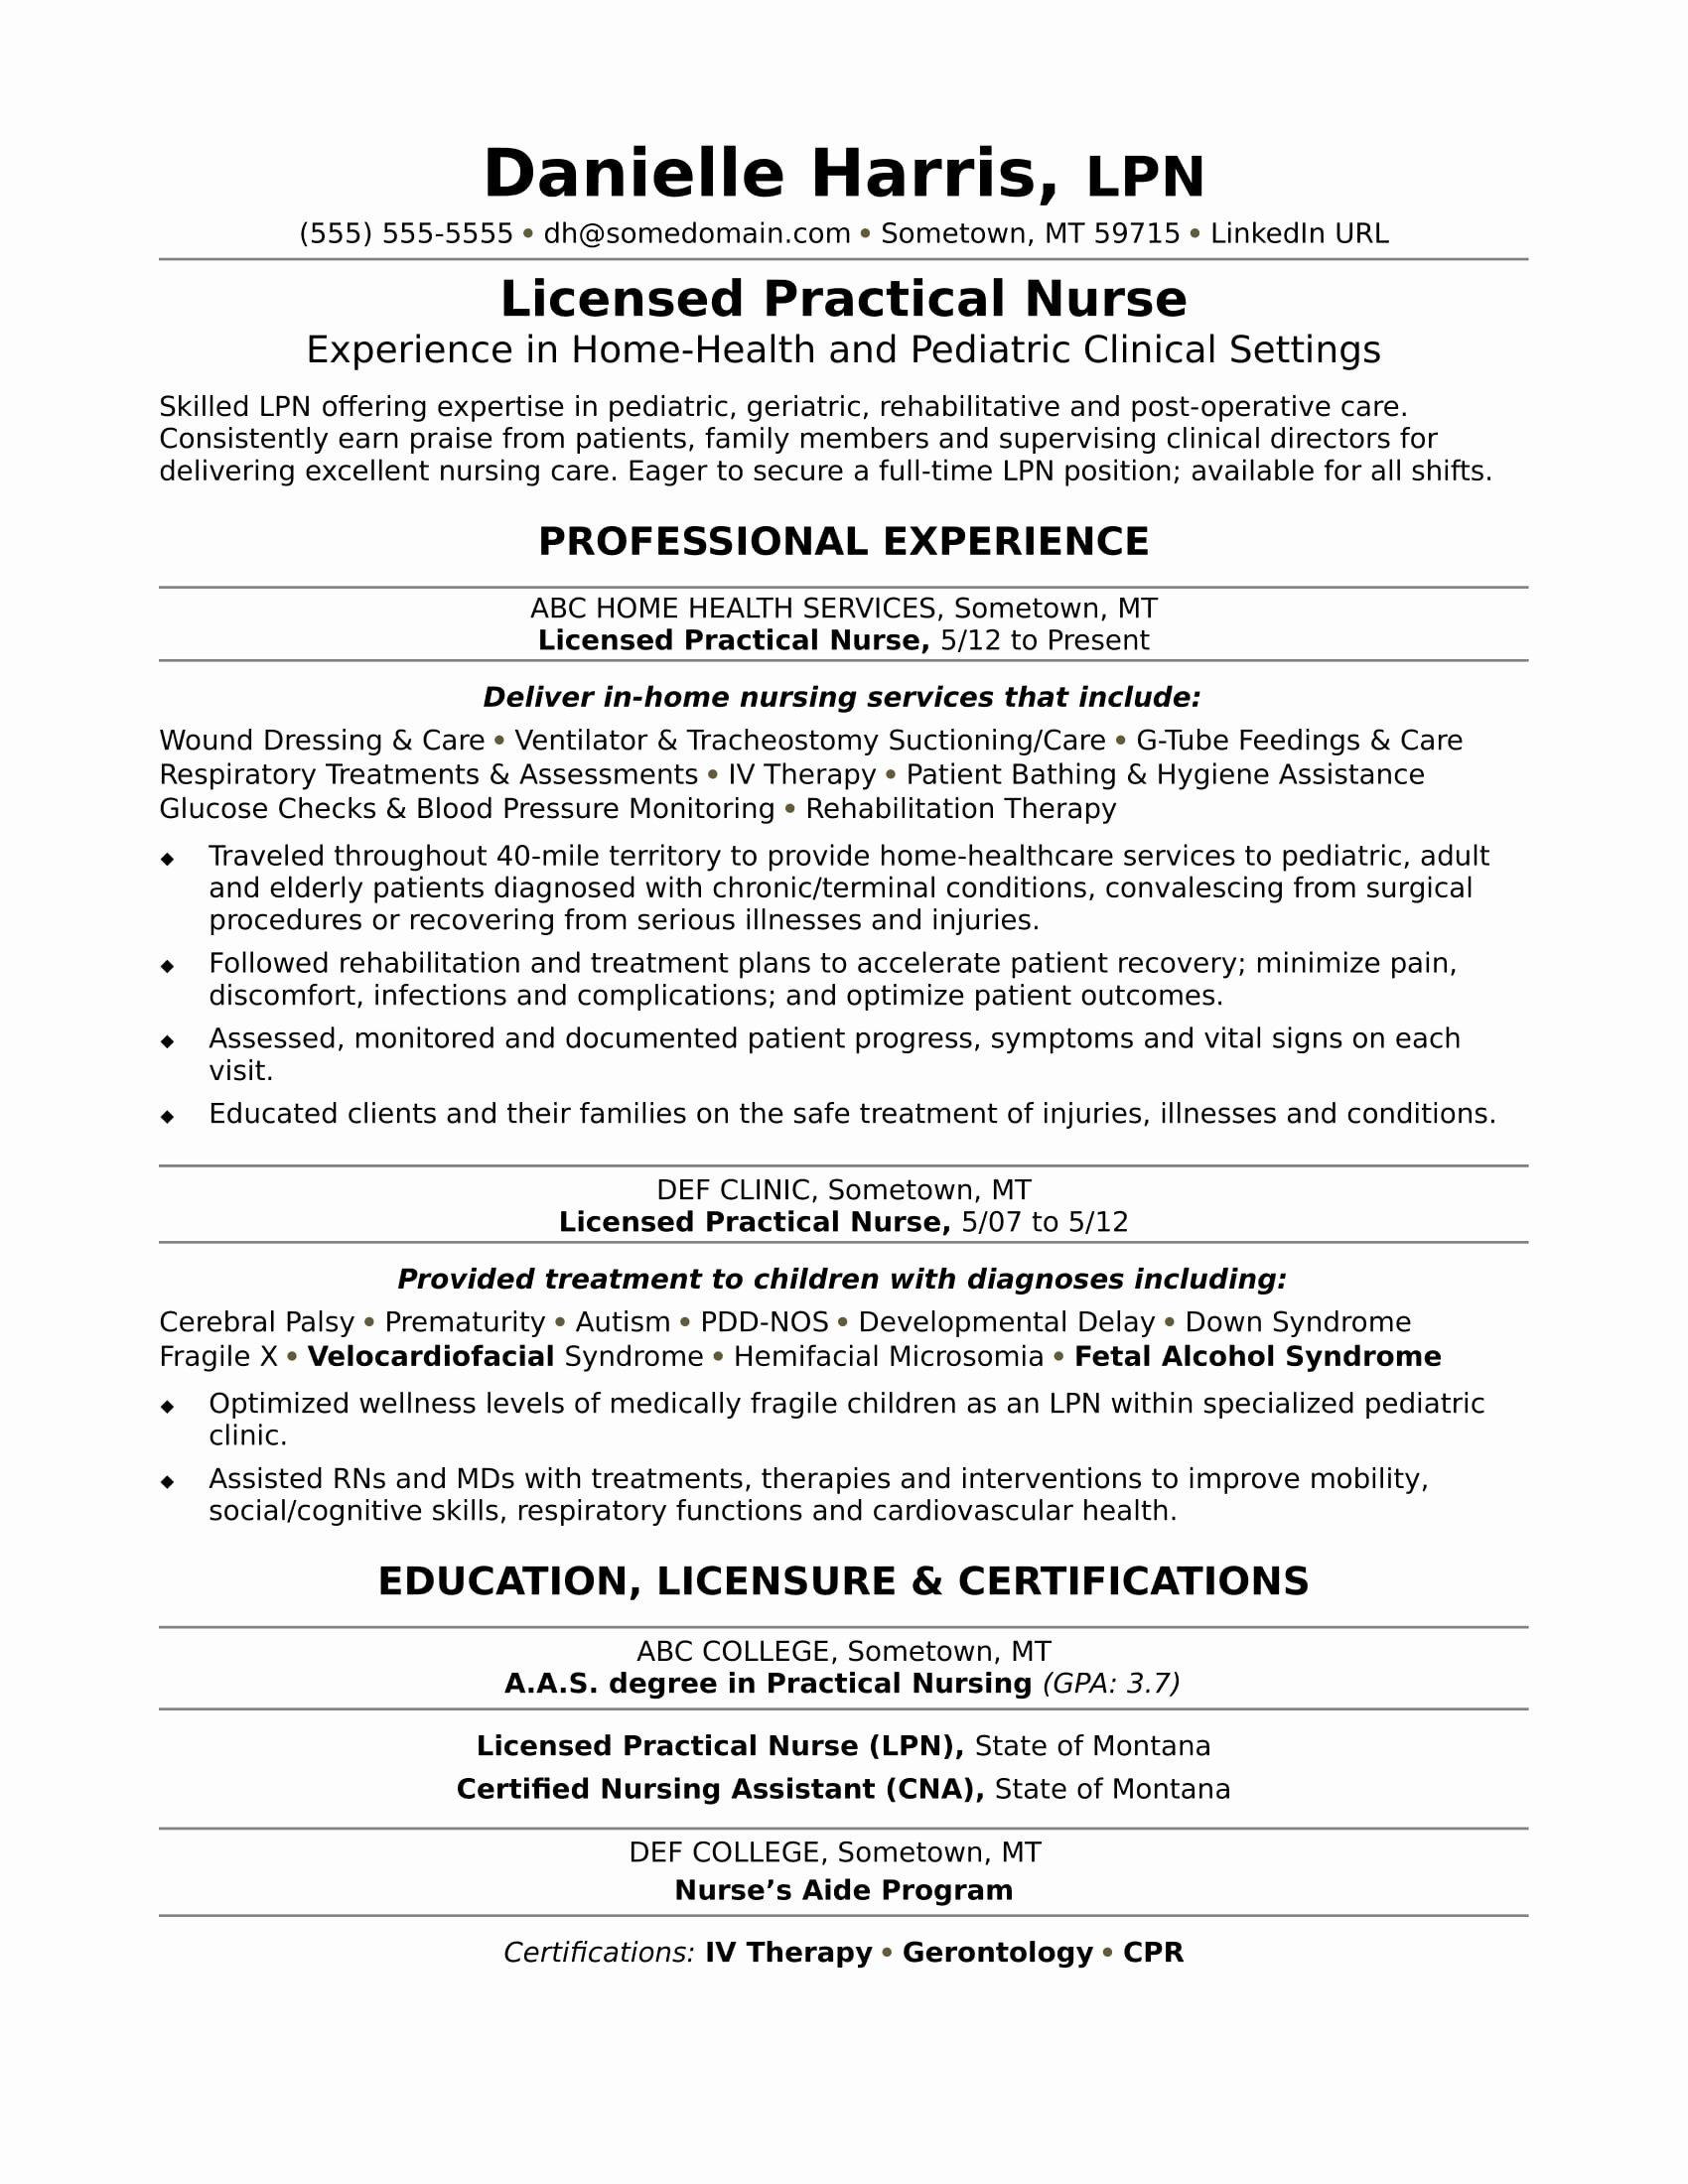 Licensed Practical Nurse Resume Sample